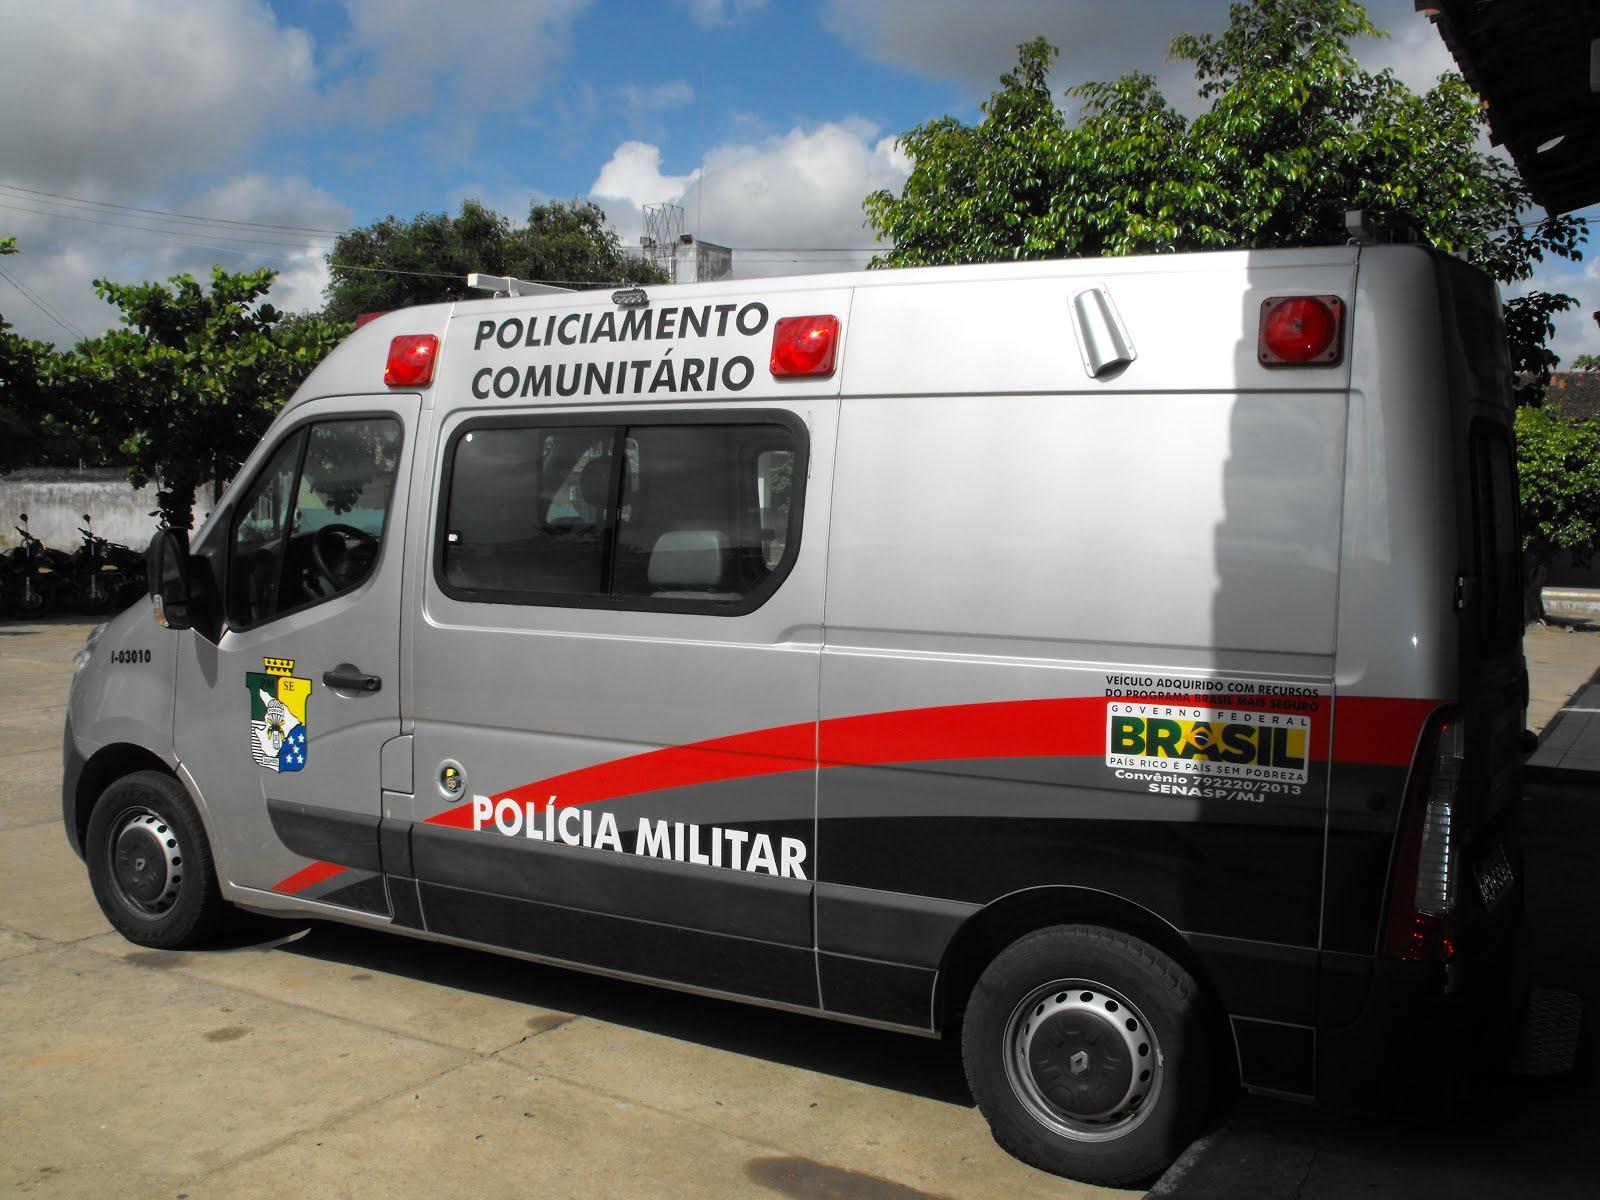 BASE MÓVEL PARA POLICIAMENTO COMUNITÁRIO